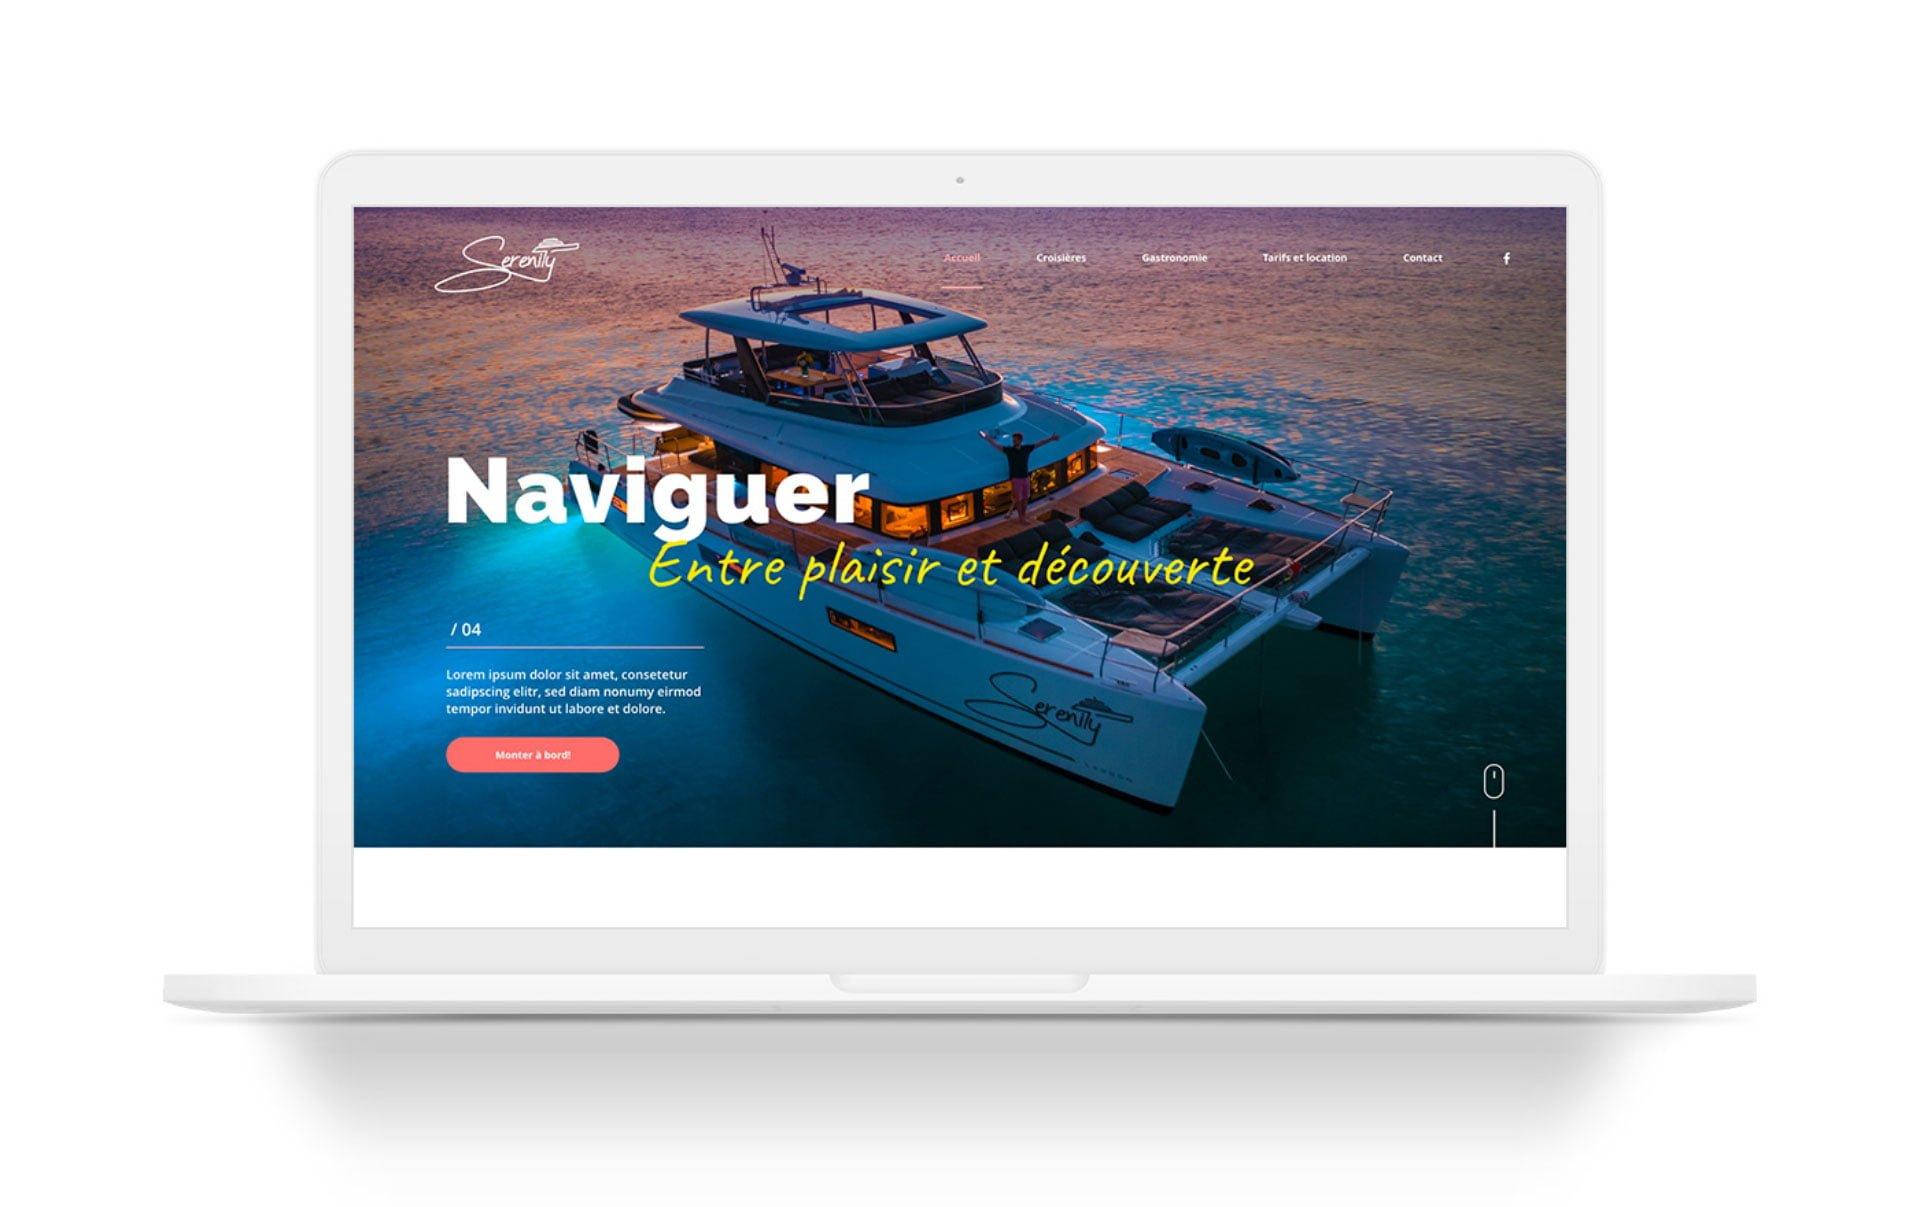 Serenity Navigation - Croisières privées en catamaran aux Bahamas